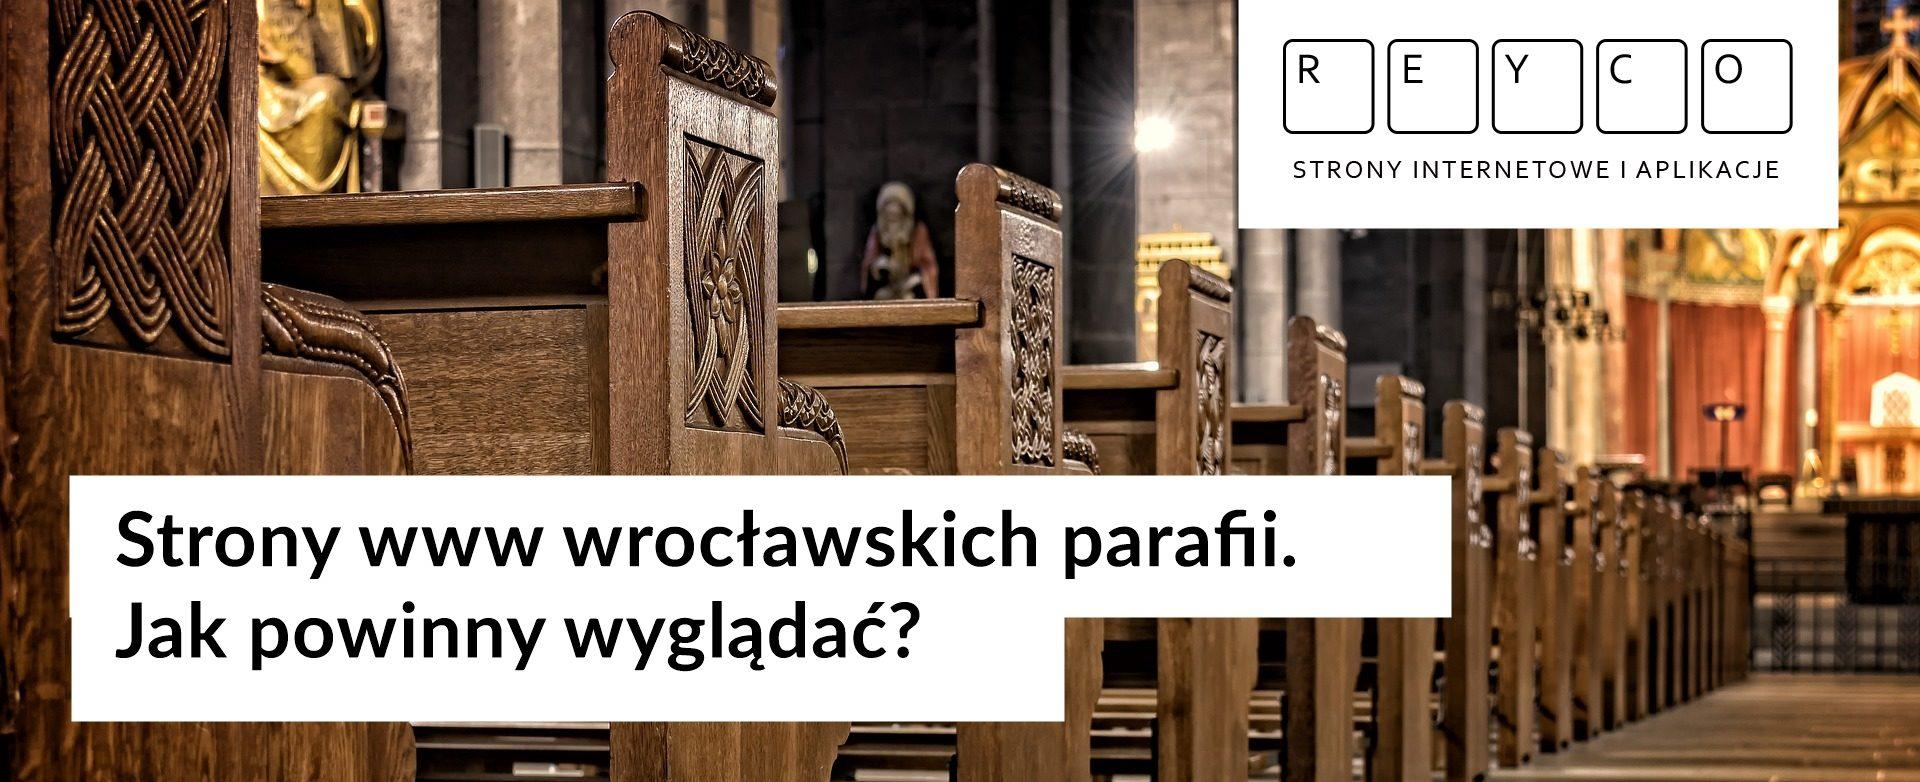 strony www parafii